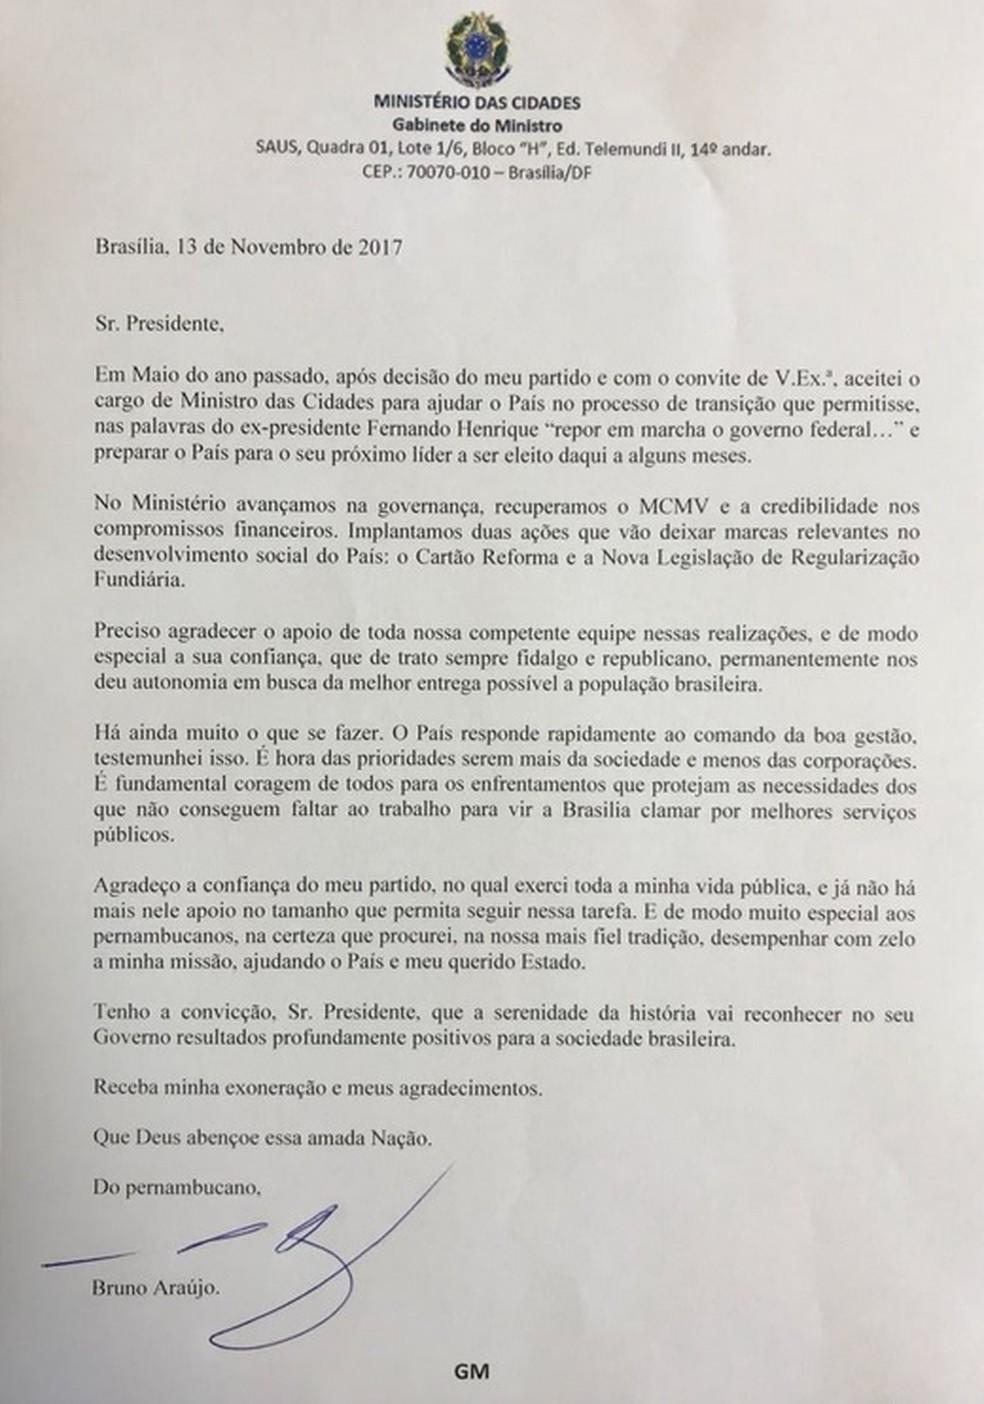 Carta de demissão do ministro das Cidades, Bruno de Araújo (PSDB-PE) (Foto: Reprodução)